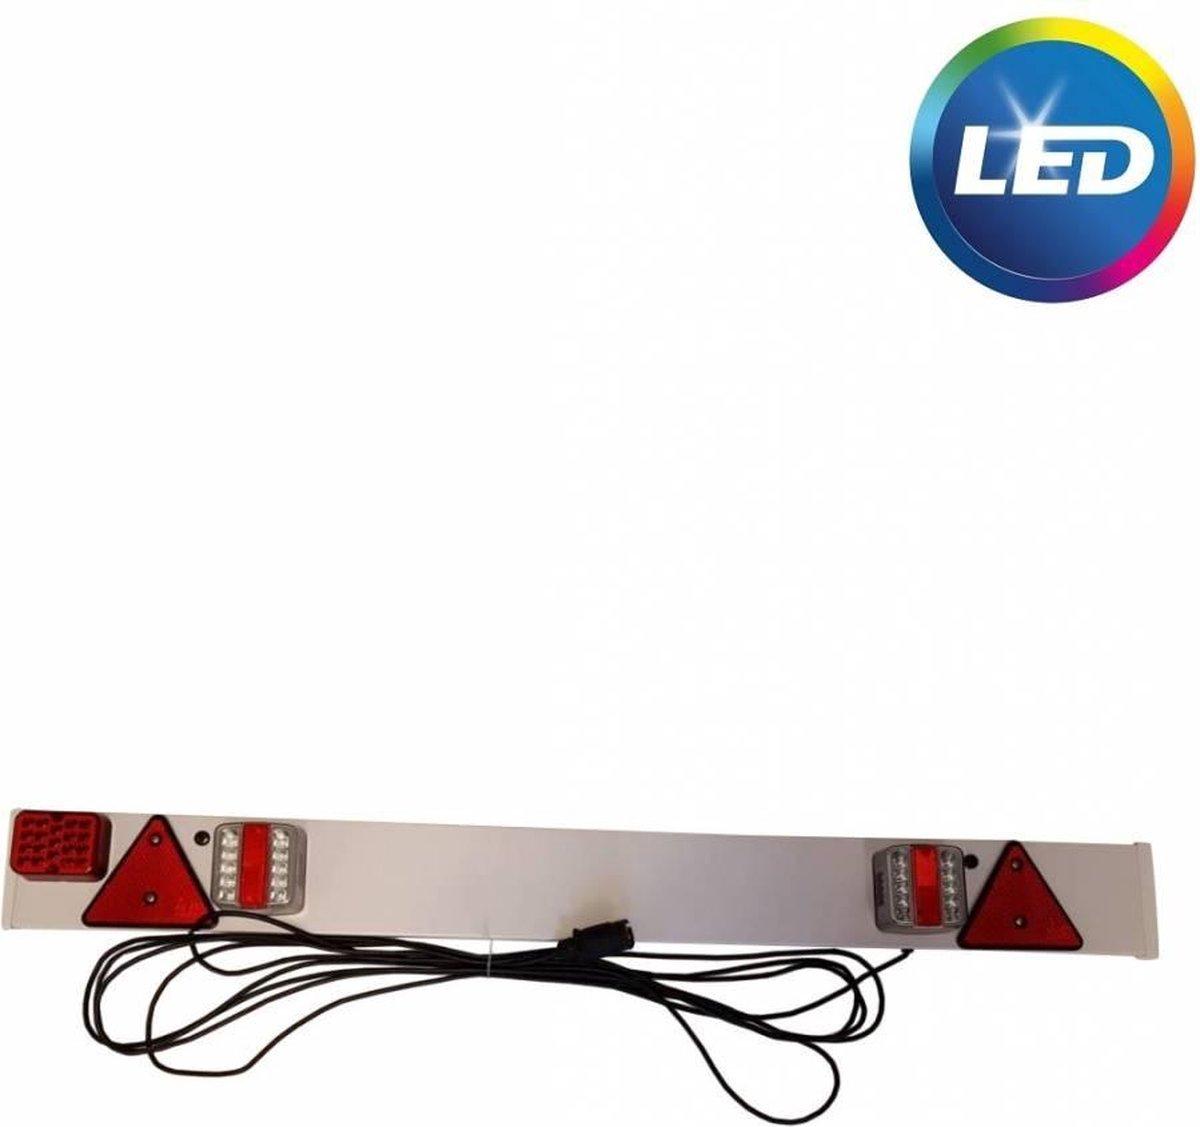 Complete kunststof lichtbalk voor aanhangers en trailers - 137 cm breed- 7 polig - 9 meter kabel Image